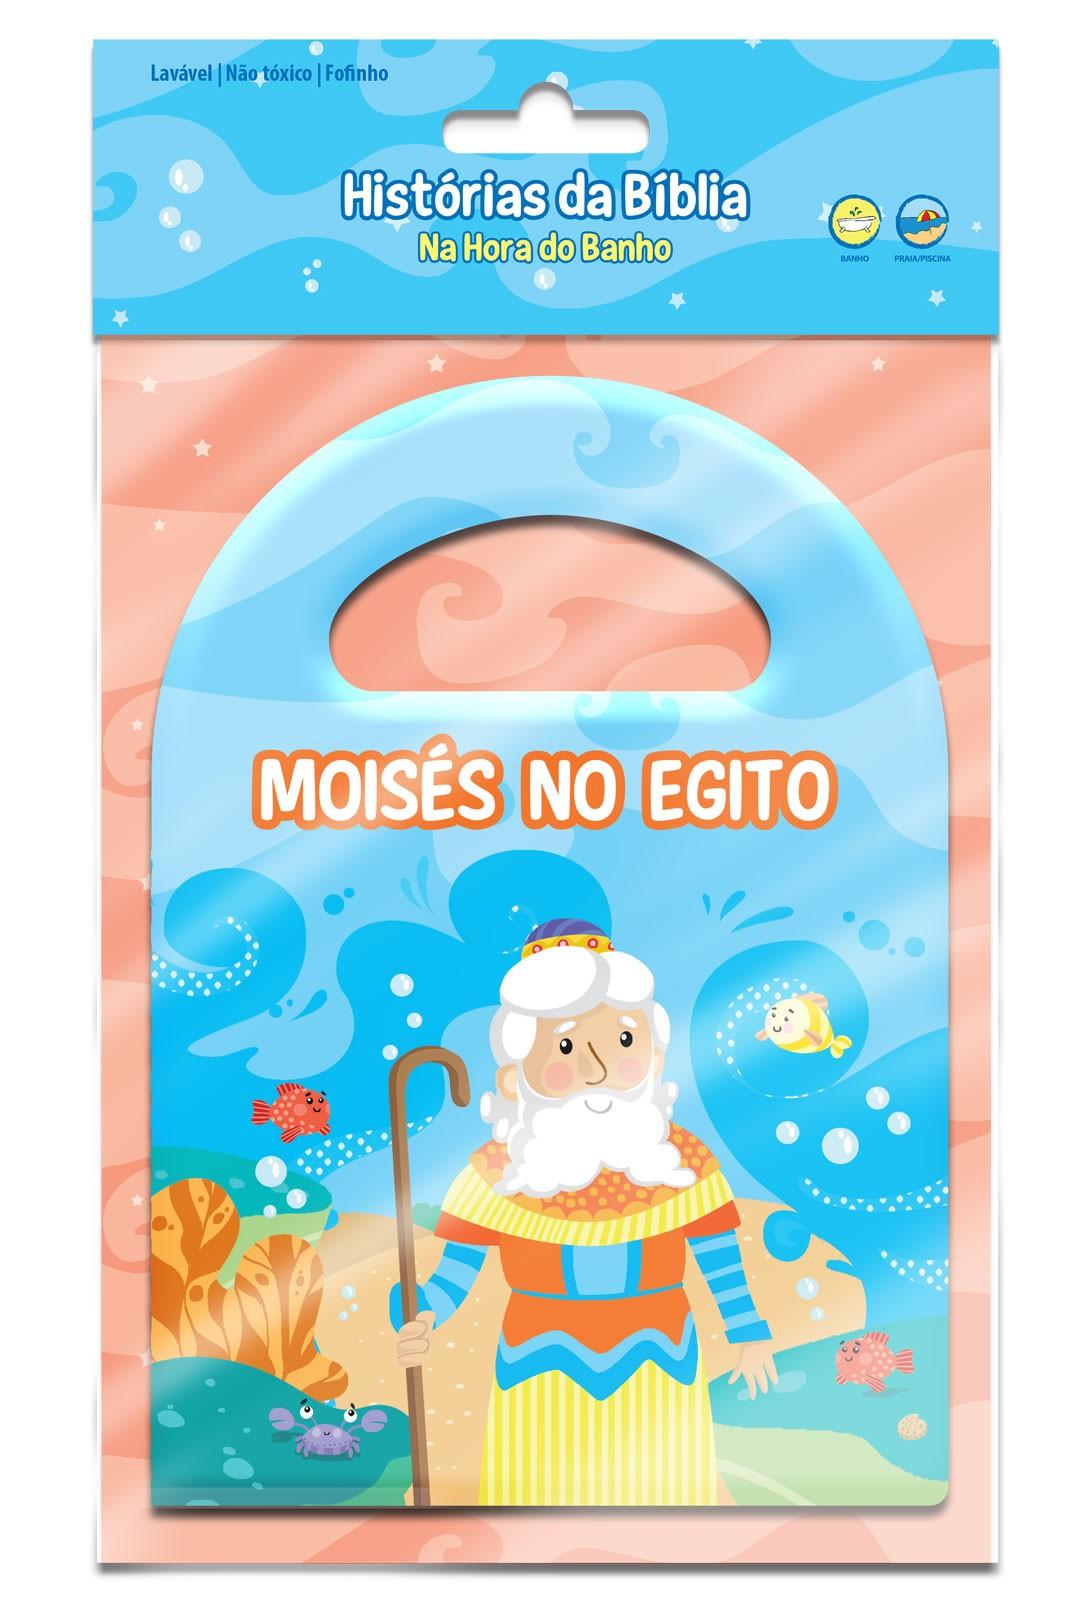 Moisés no Egito - Hora do Banho Bíblico